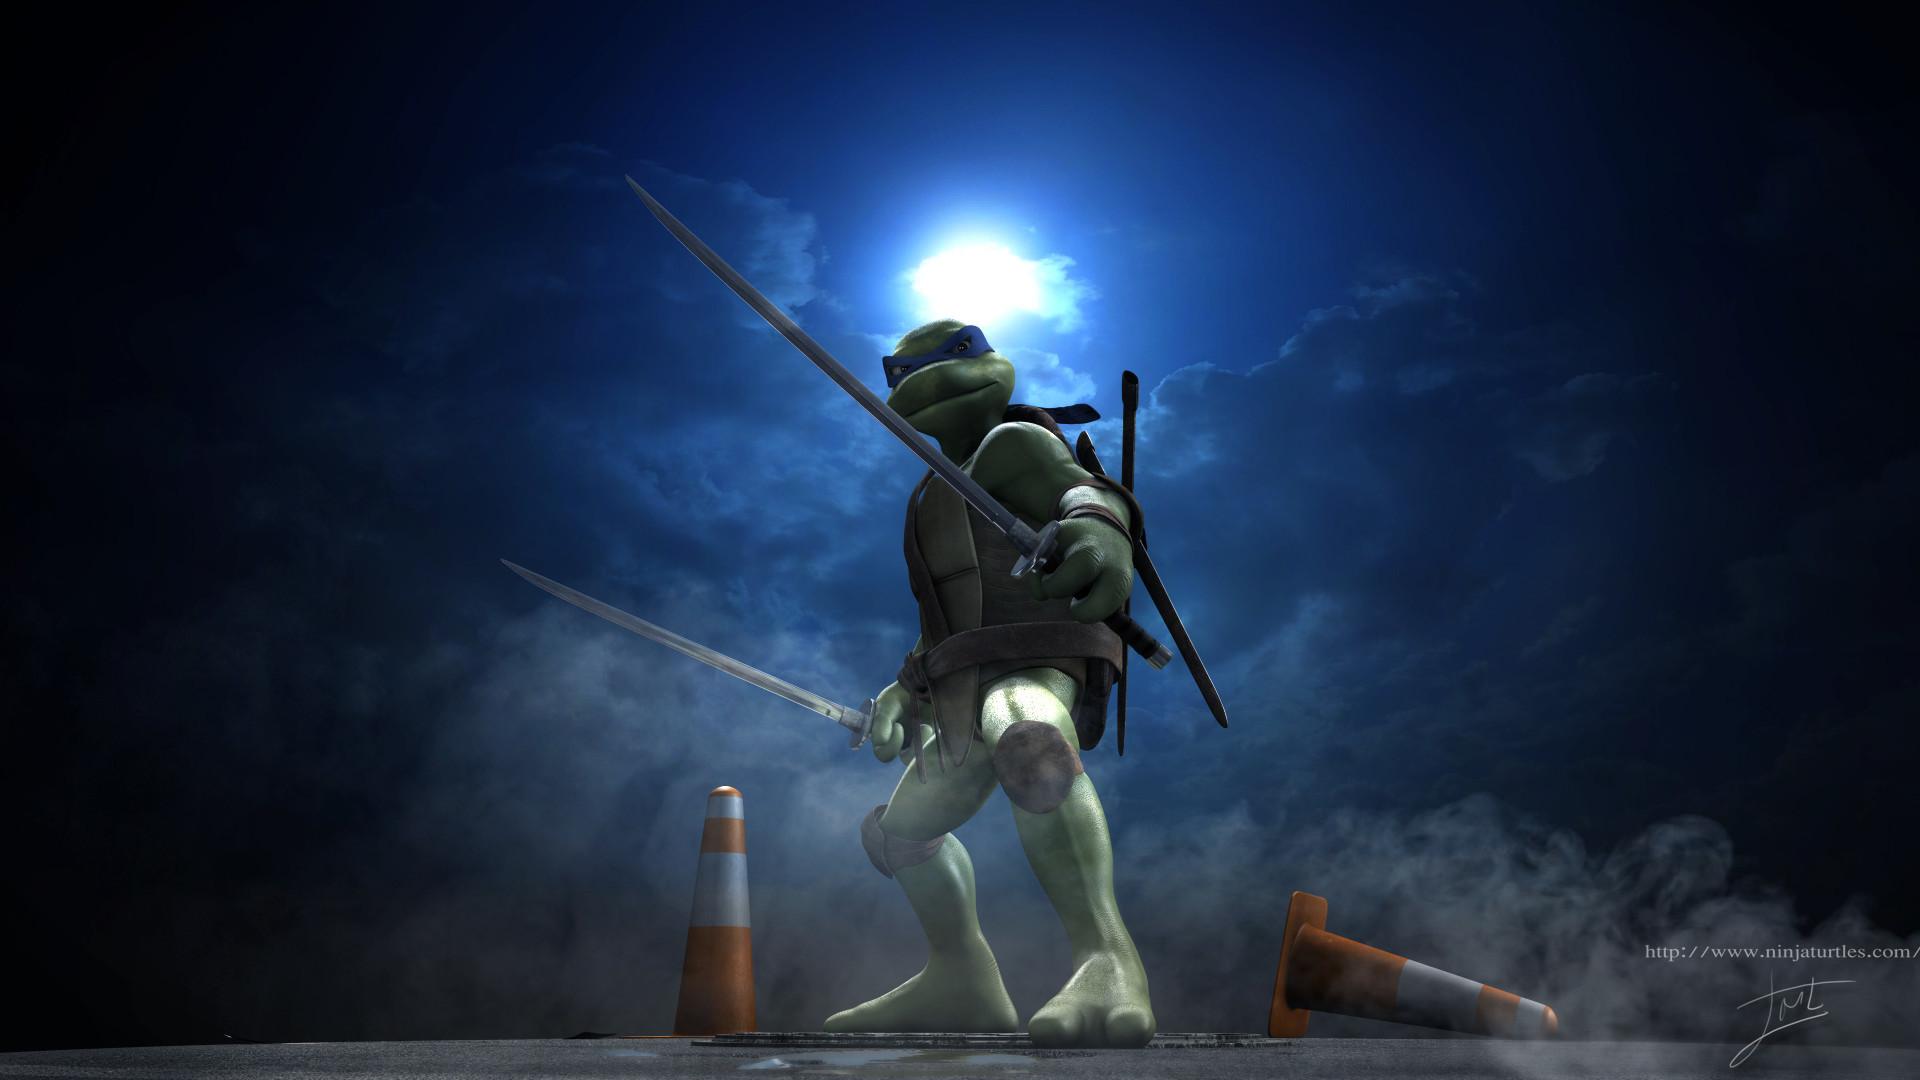 teenage mutant ninja turtles wallpaper leonardo 27340poster.jpg